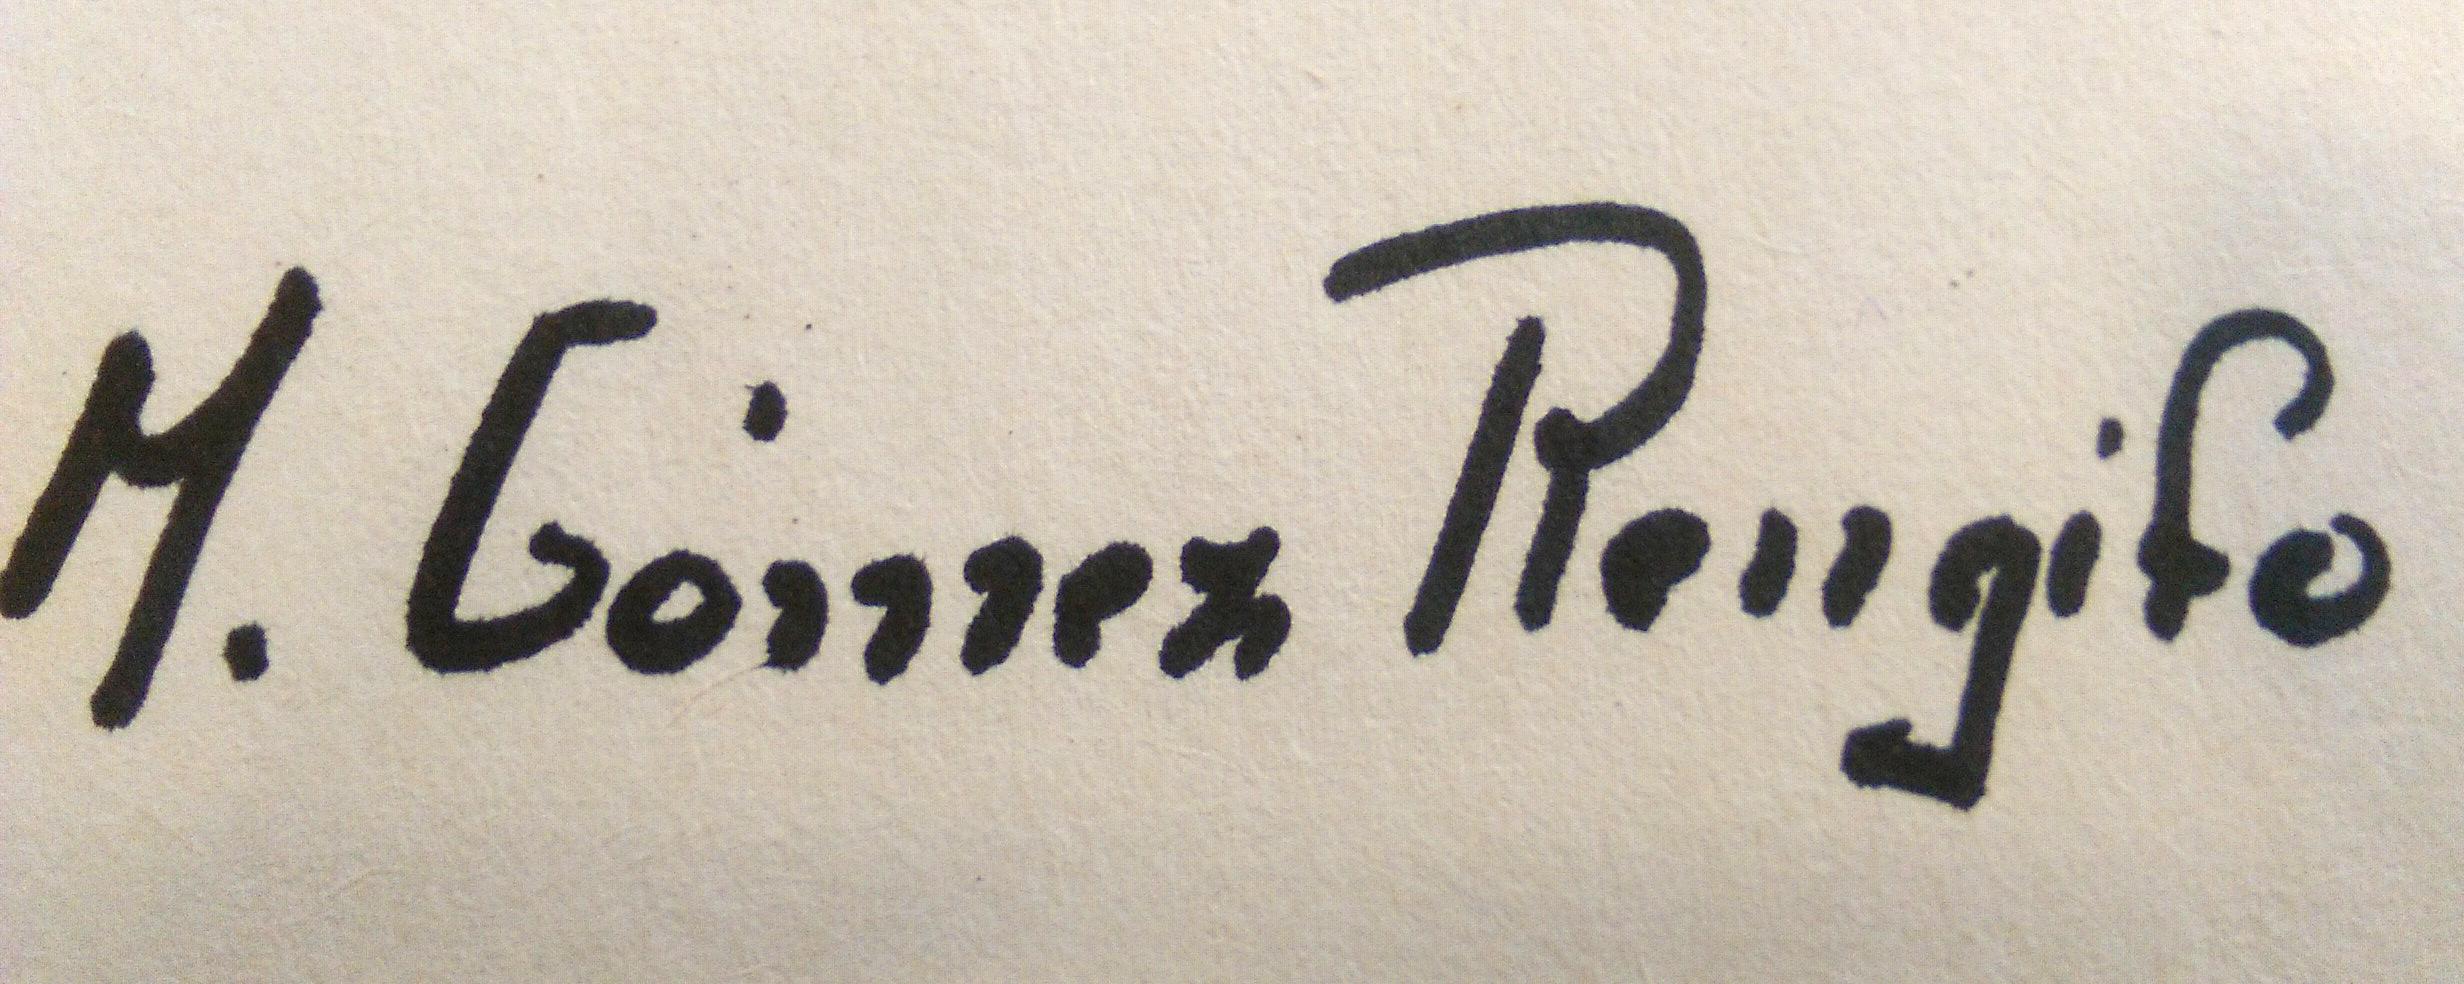 mgrengifo's Signature